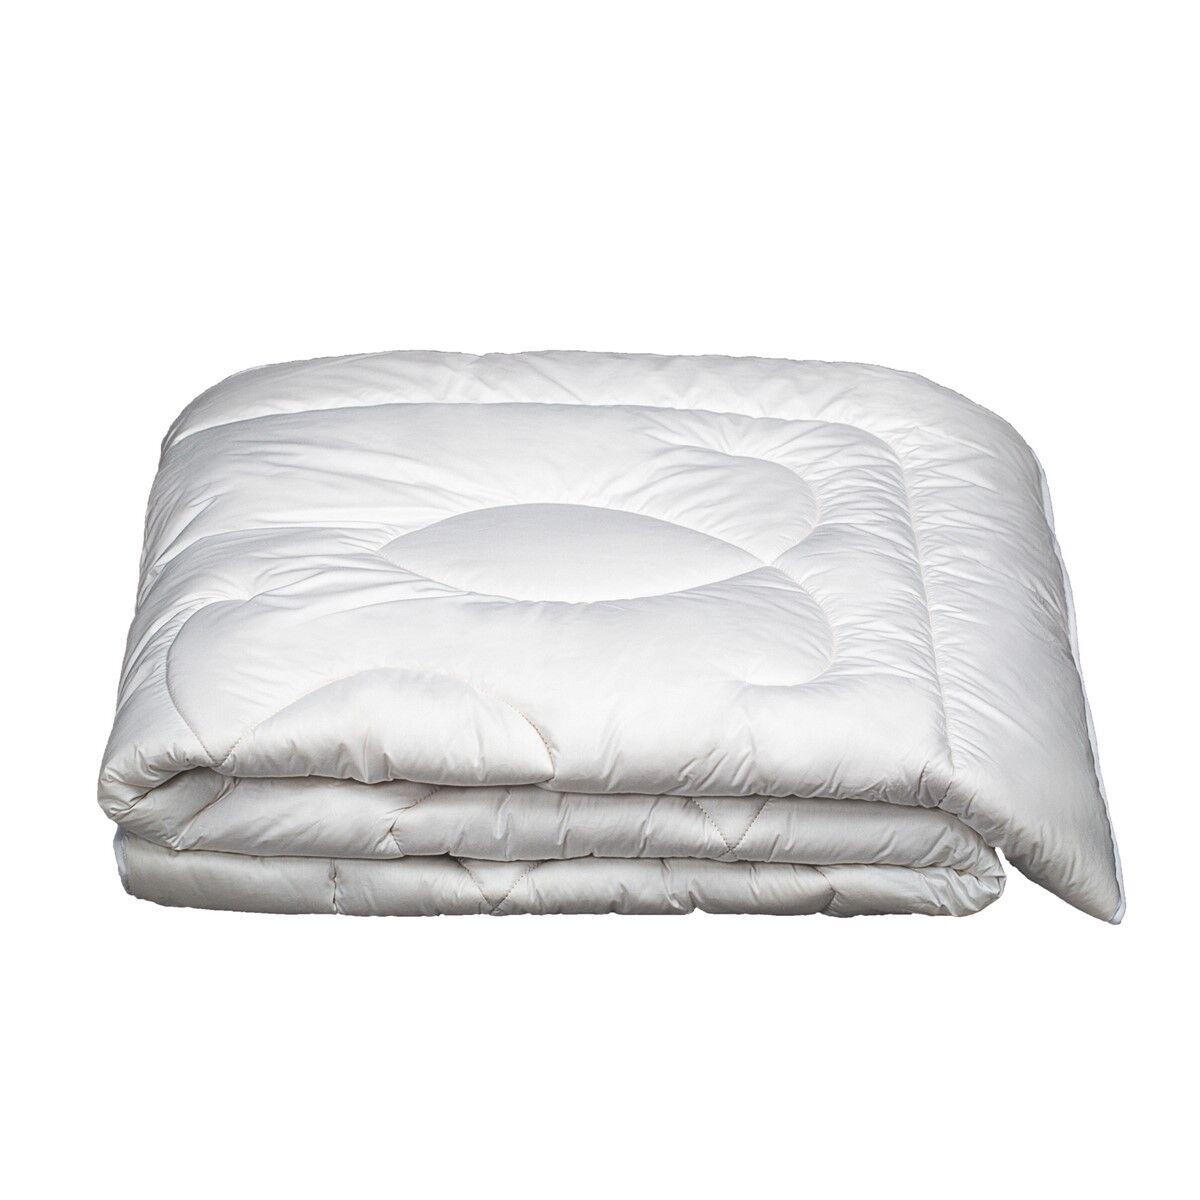 Brun de Vian-Tiran Couette Chaude Naturel en Laine Trs chaud Blanc 220x240 cm